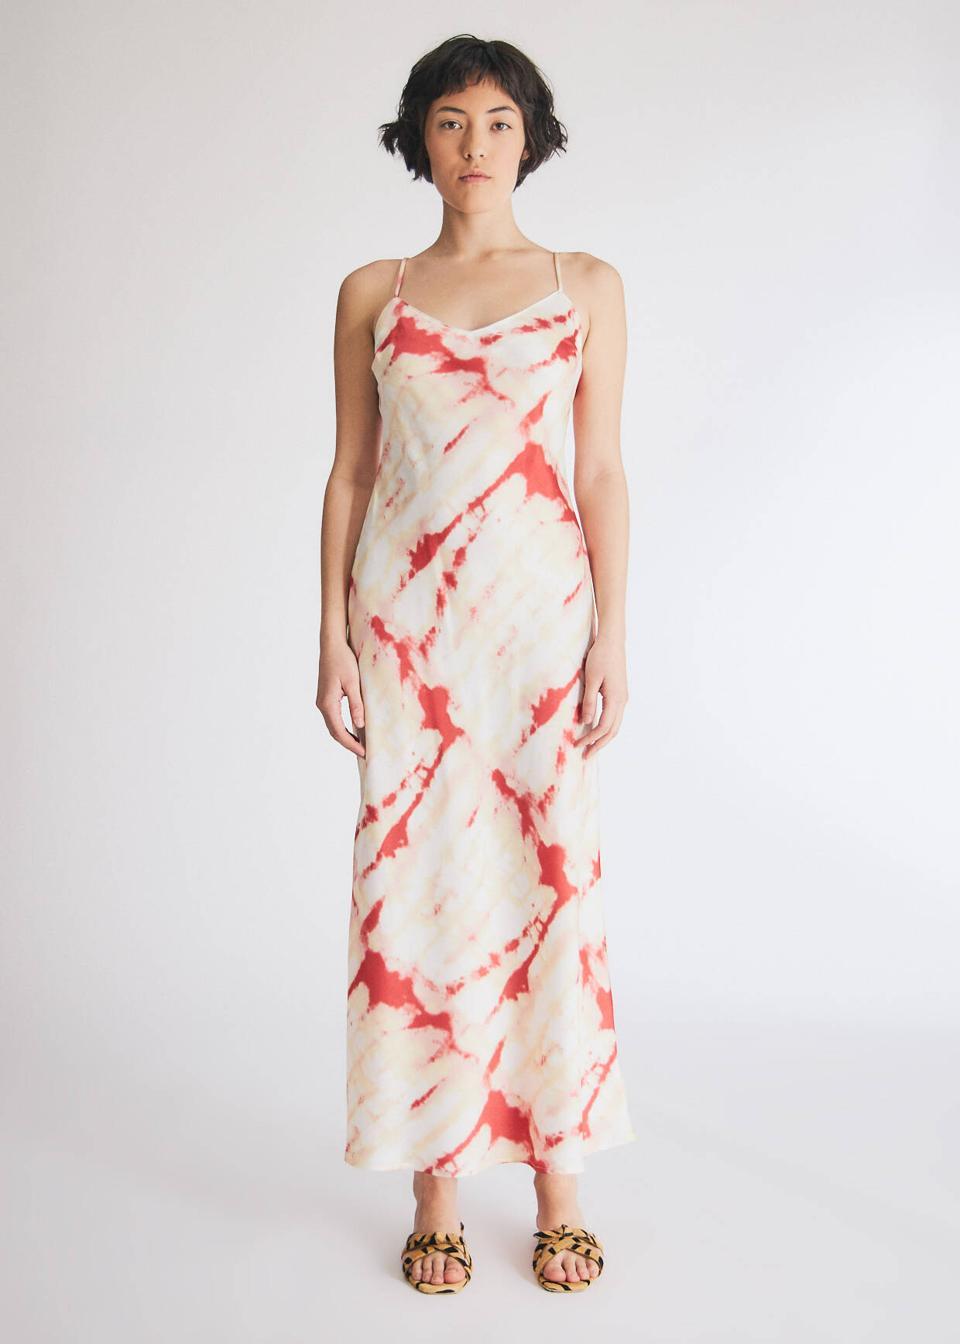 WHICH WE WANT Samiyah Slip Dress in Cream Tie Dye